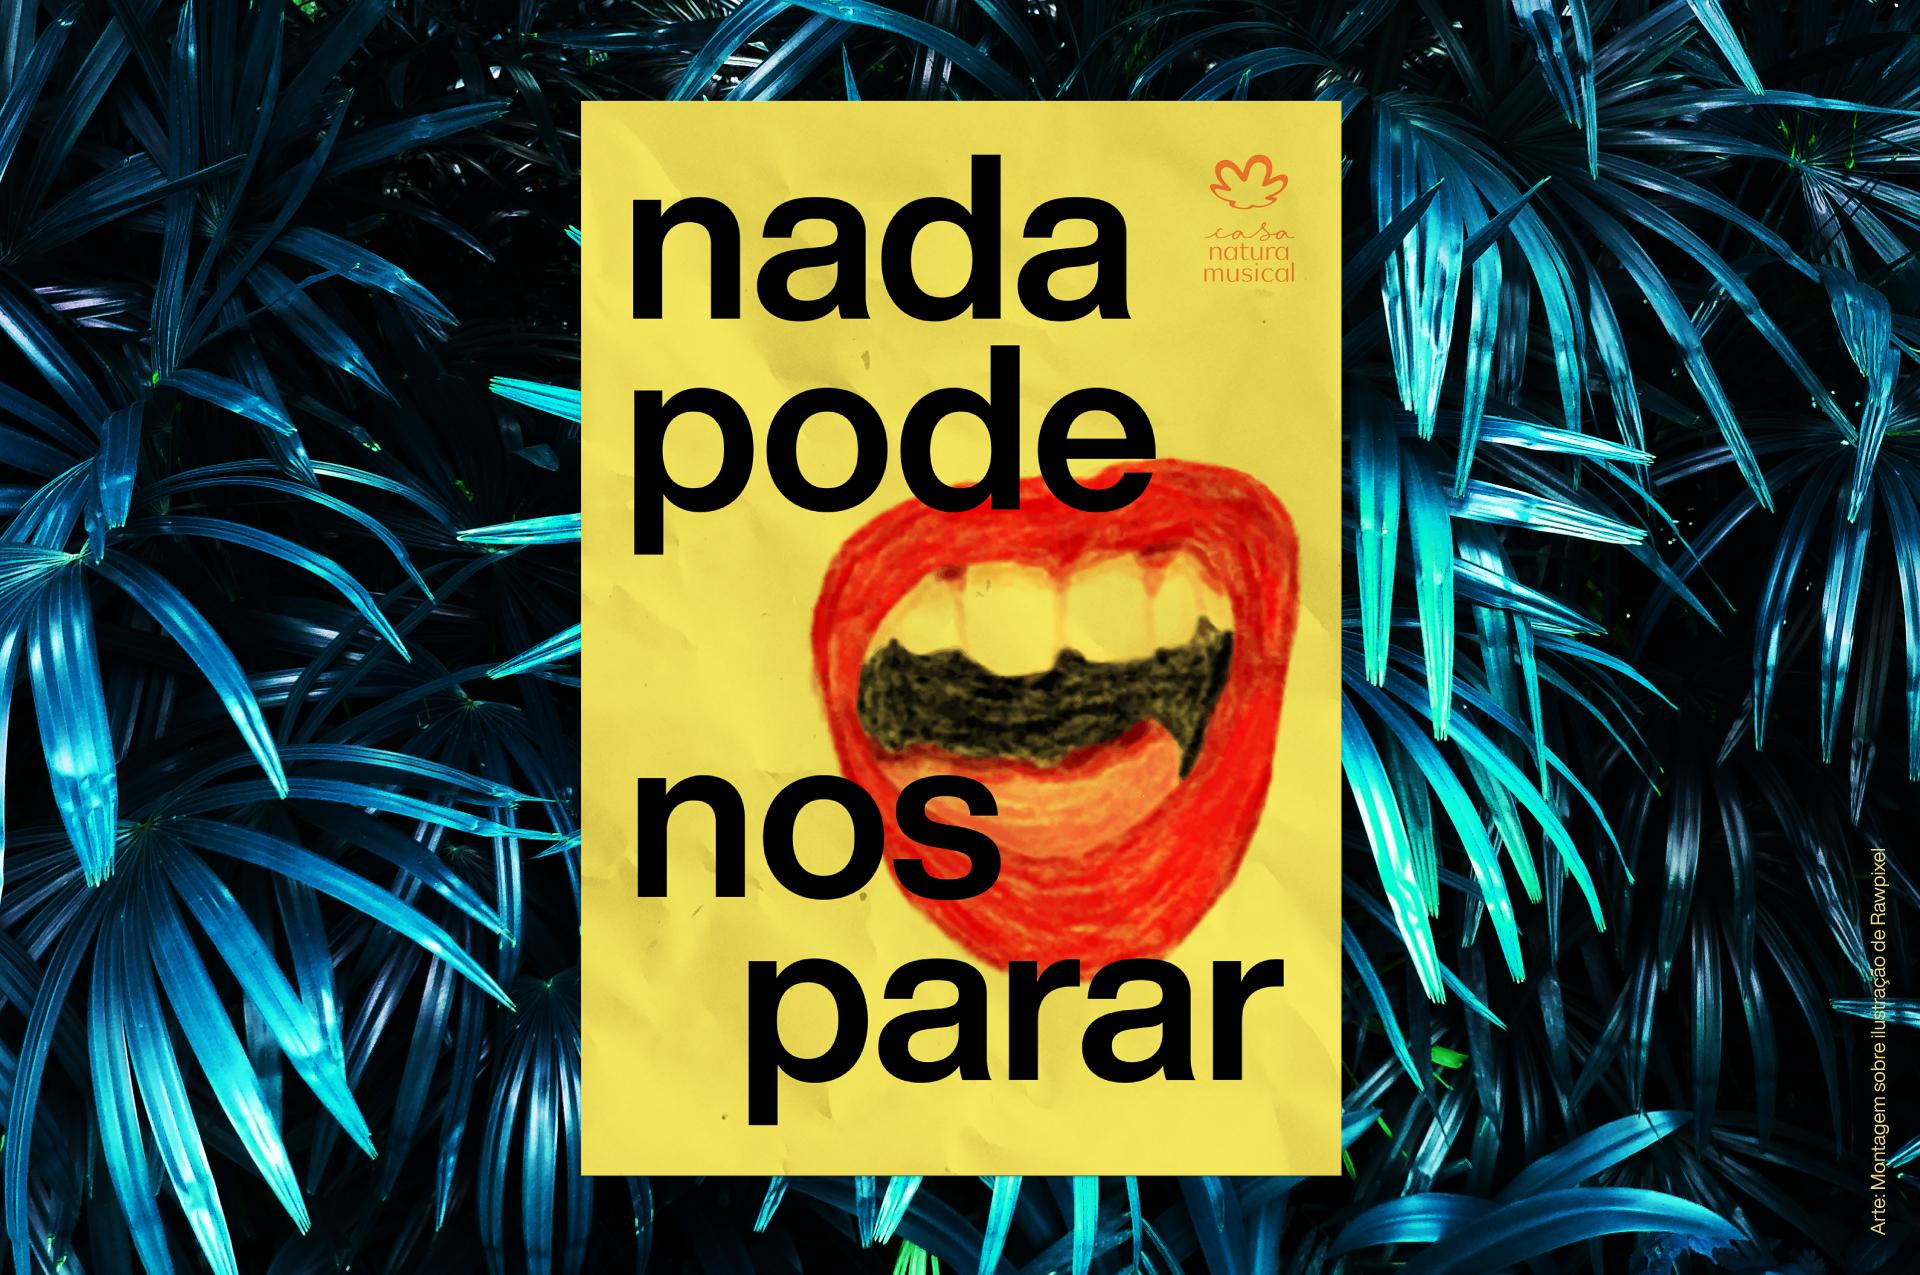 NADA_PODE_NOS_PARAR_site